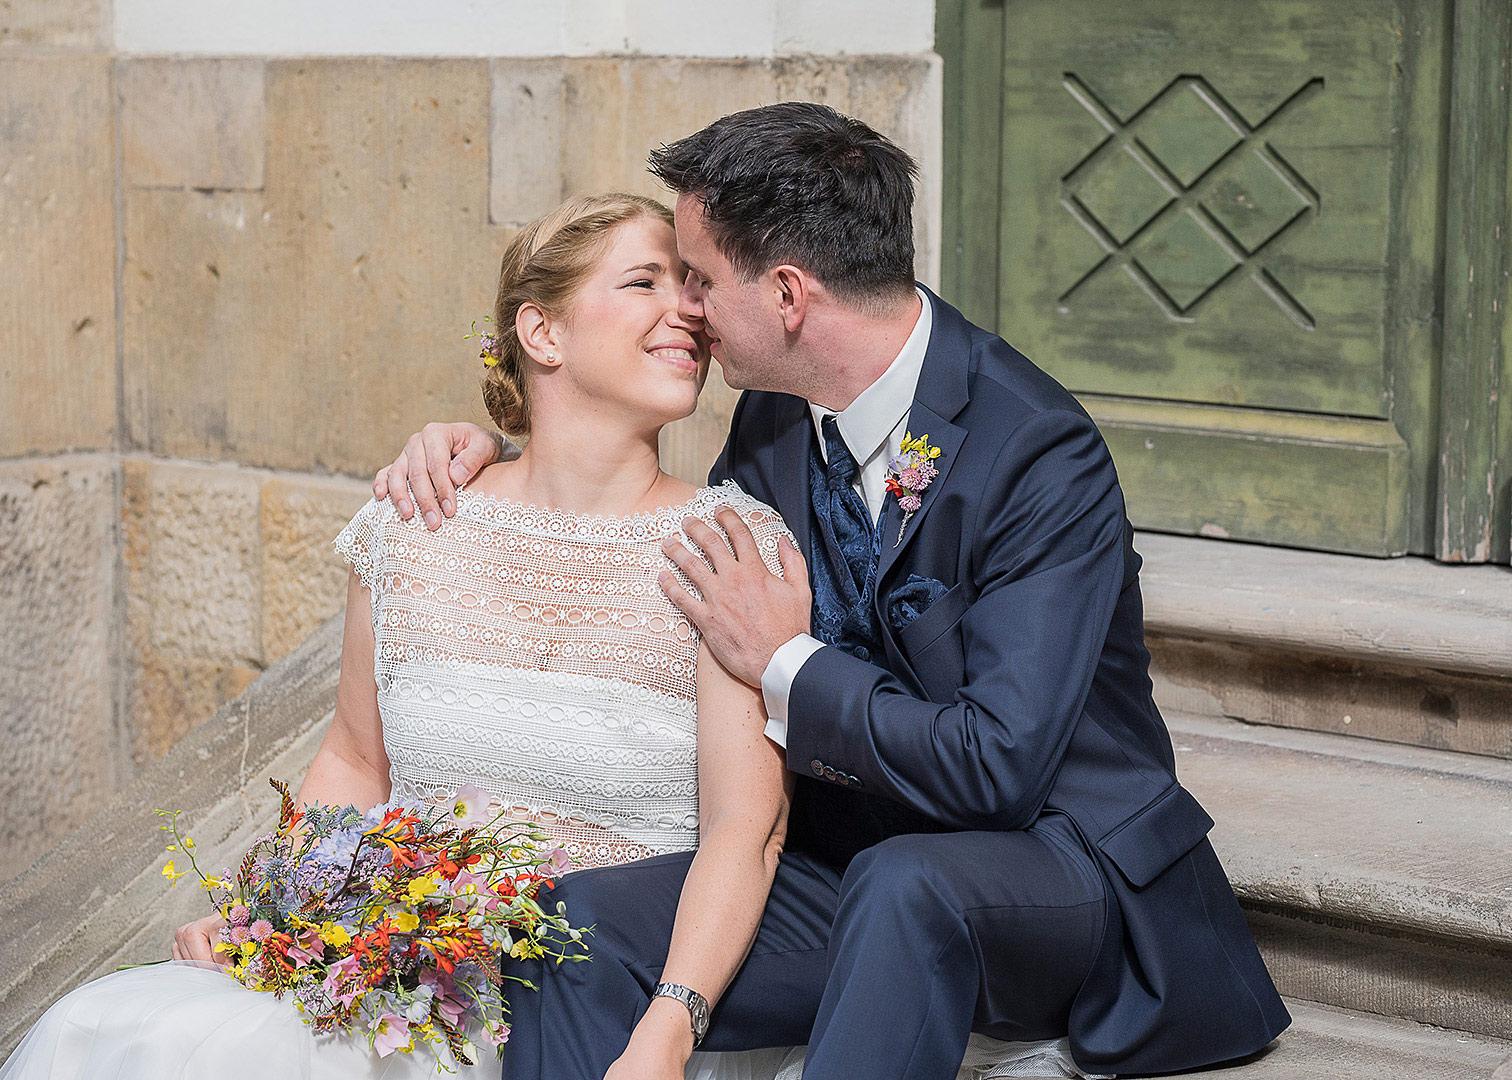 hochzeitsfotograf berlin, hochzeitsfotos berlin, heiraten im standesamt, hochzeit zu zweit in berlin, alleine heiraten, brautpaarfotos, herbsthochzeit ideen